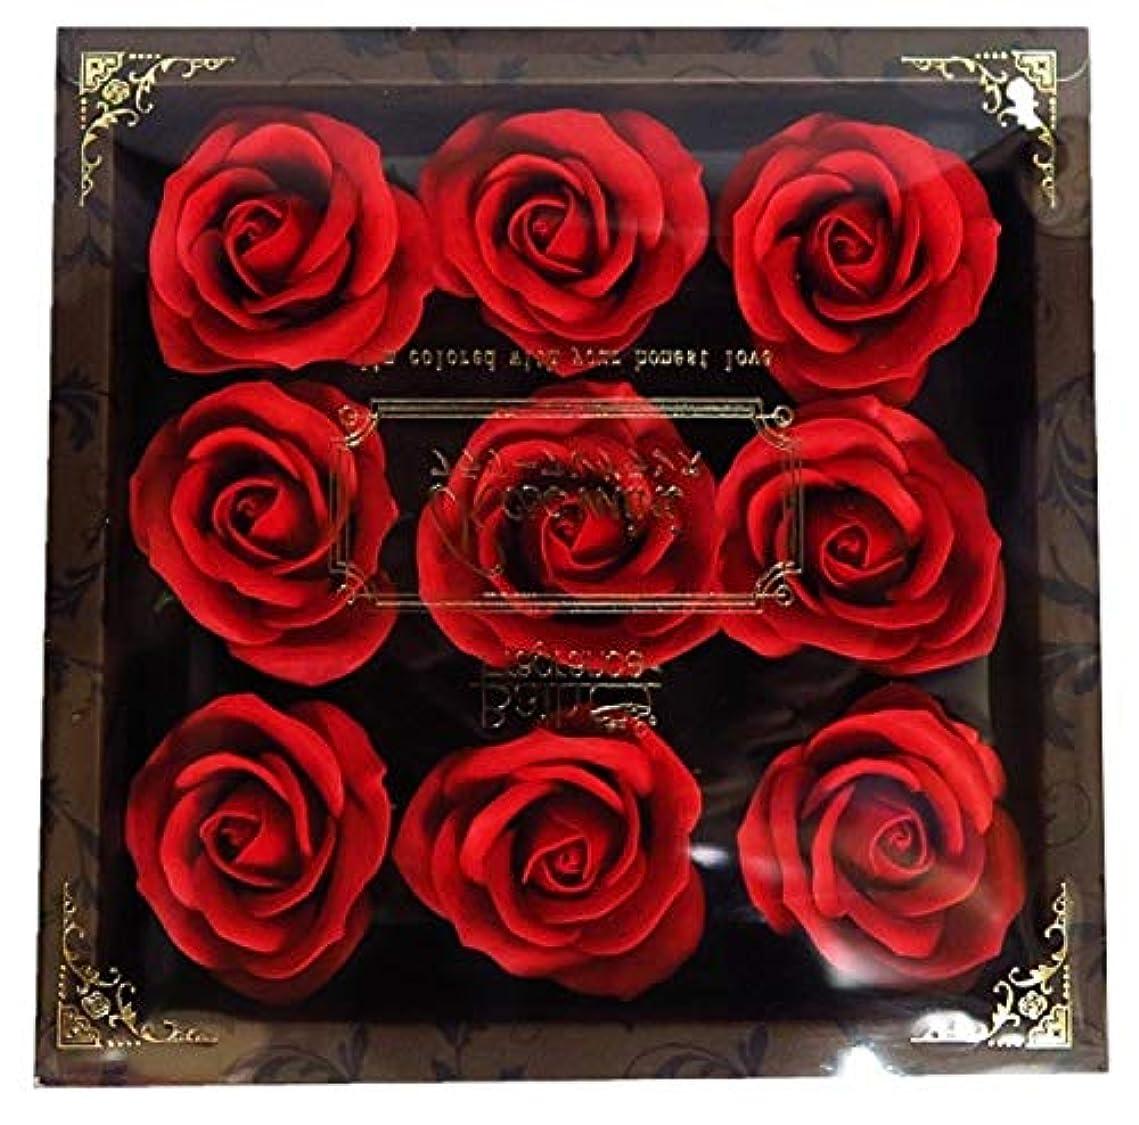 アセンブリトランクライブラリ蓋バスフレグランス フラワーフレグランス ミニローズフレグランス(L)レッド ギフト お花の形の入浴剤 プレゼント ばら